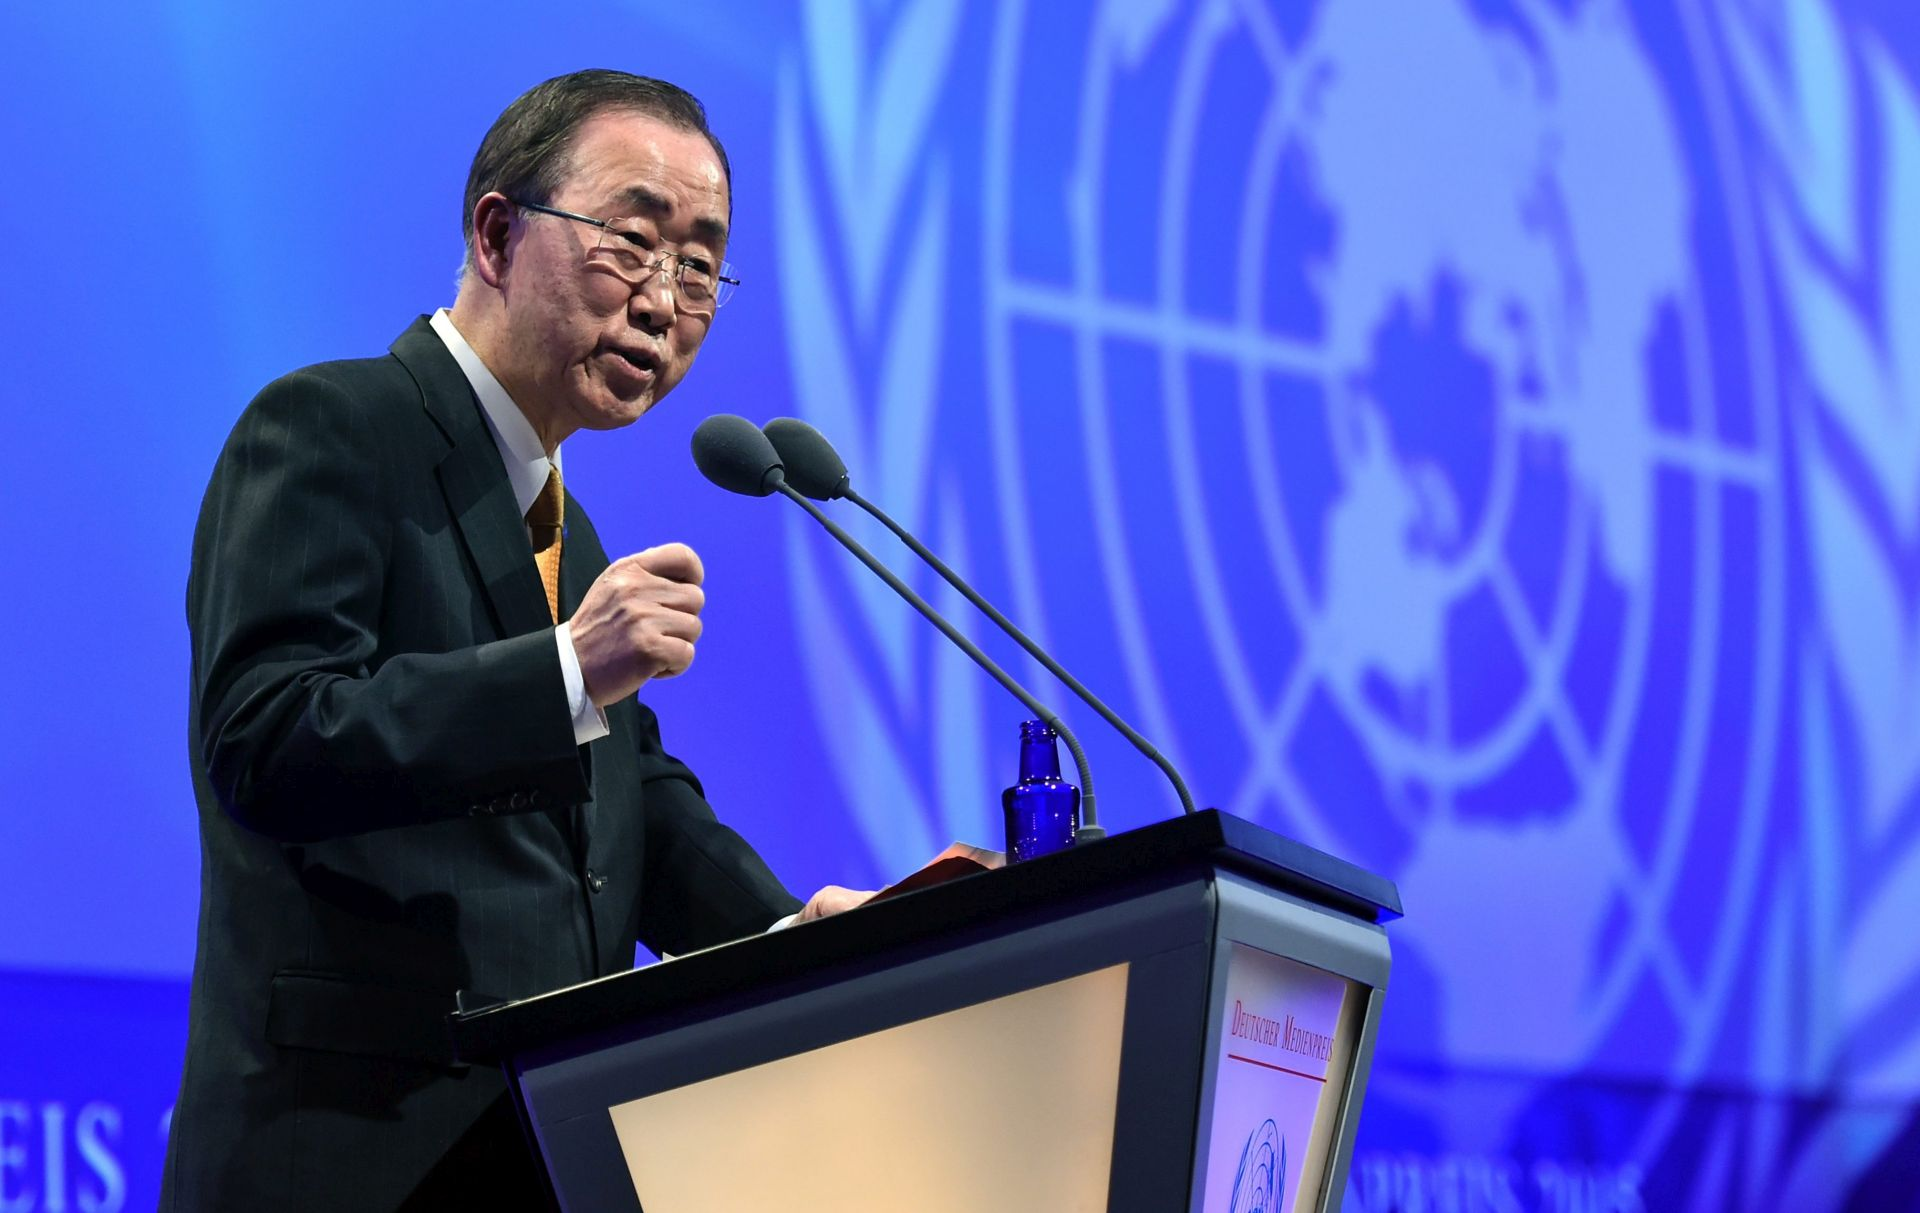 POVLAČENJE IZ POLITIKE: Ban Ki-moon neće se kandidirati za predsjednika J. Koreje